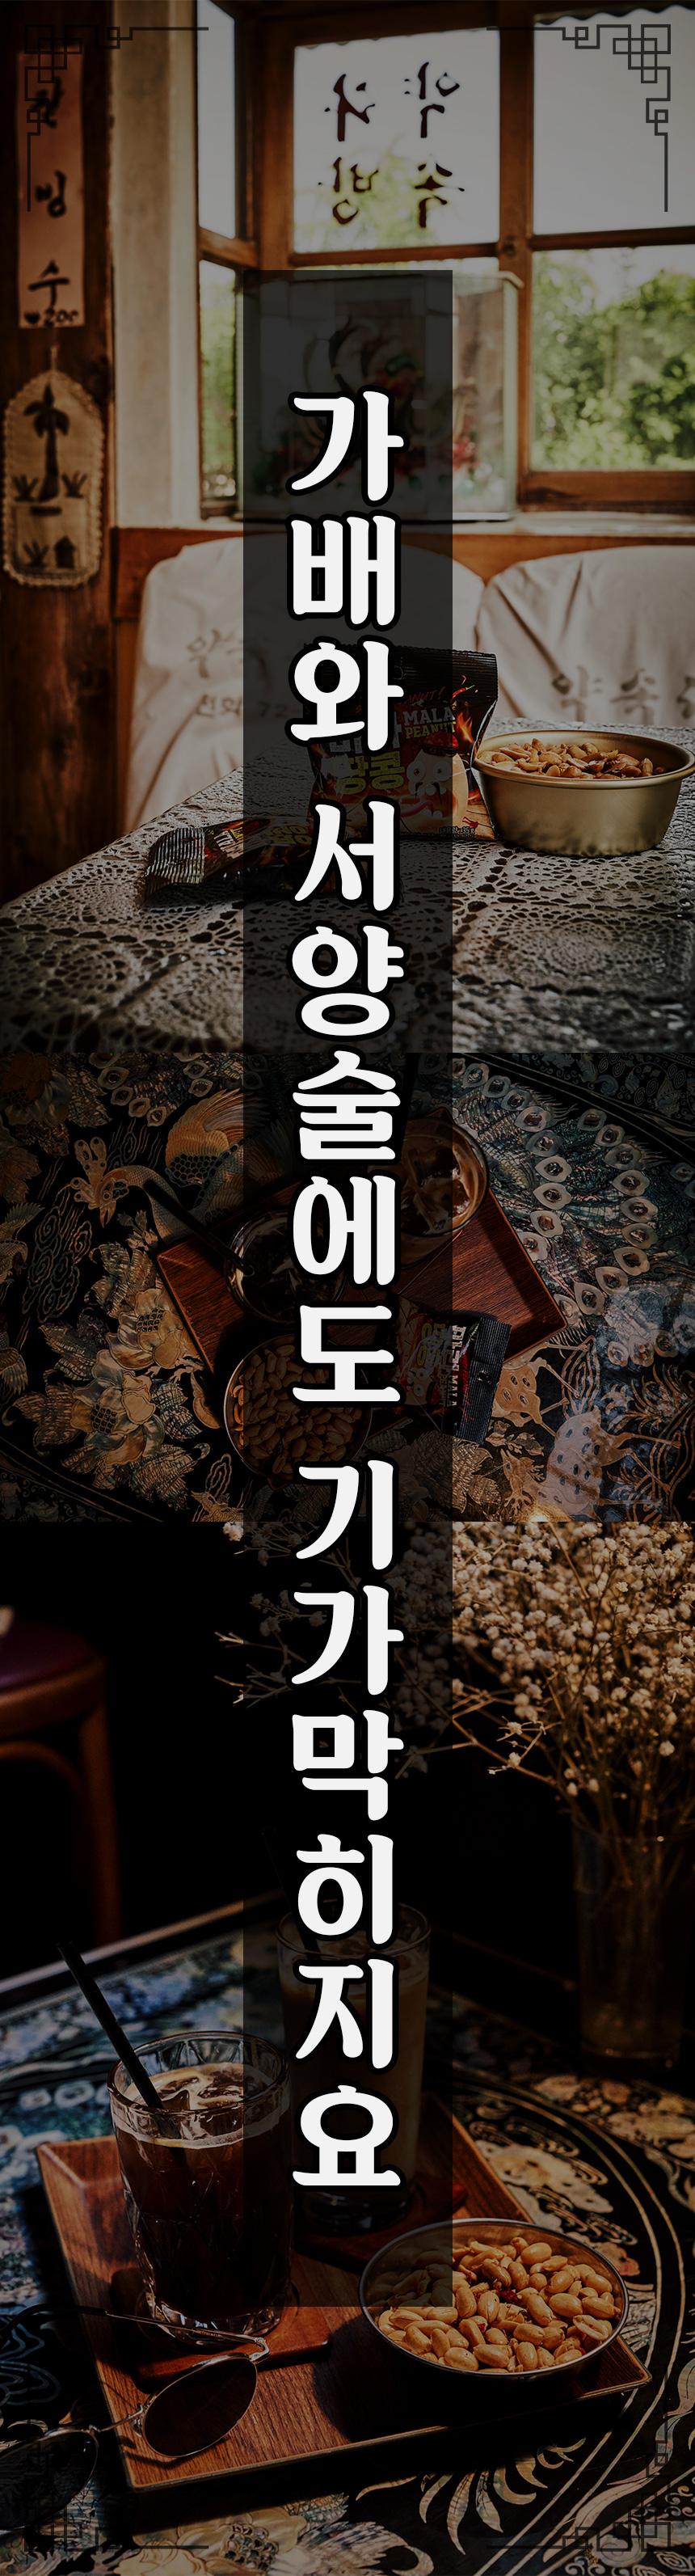 1105_마라땅콩_상세이미지_03.jpg